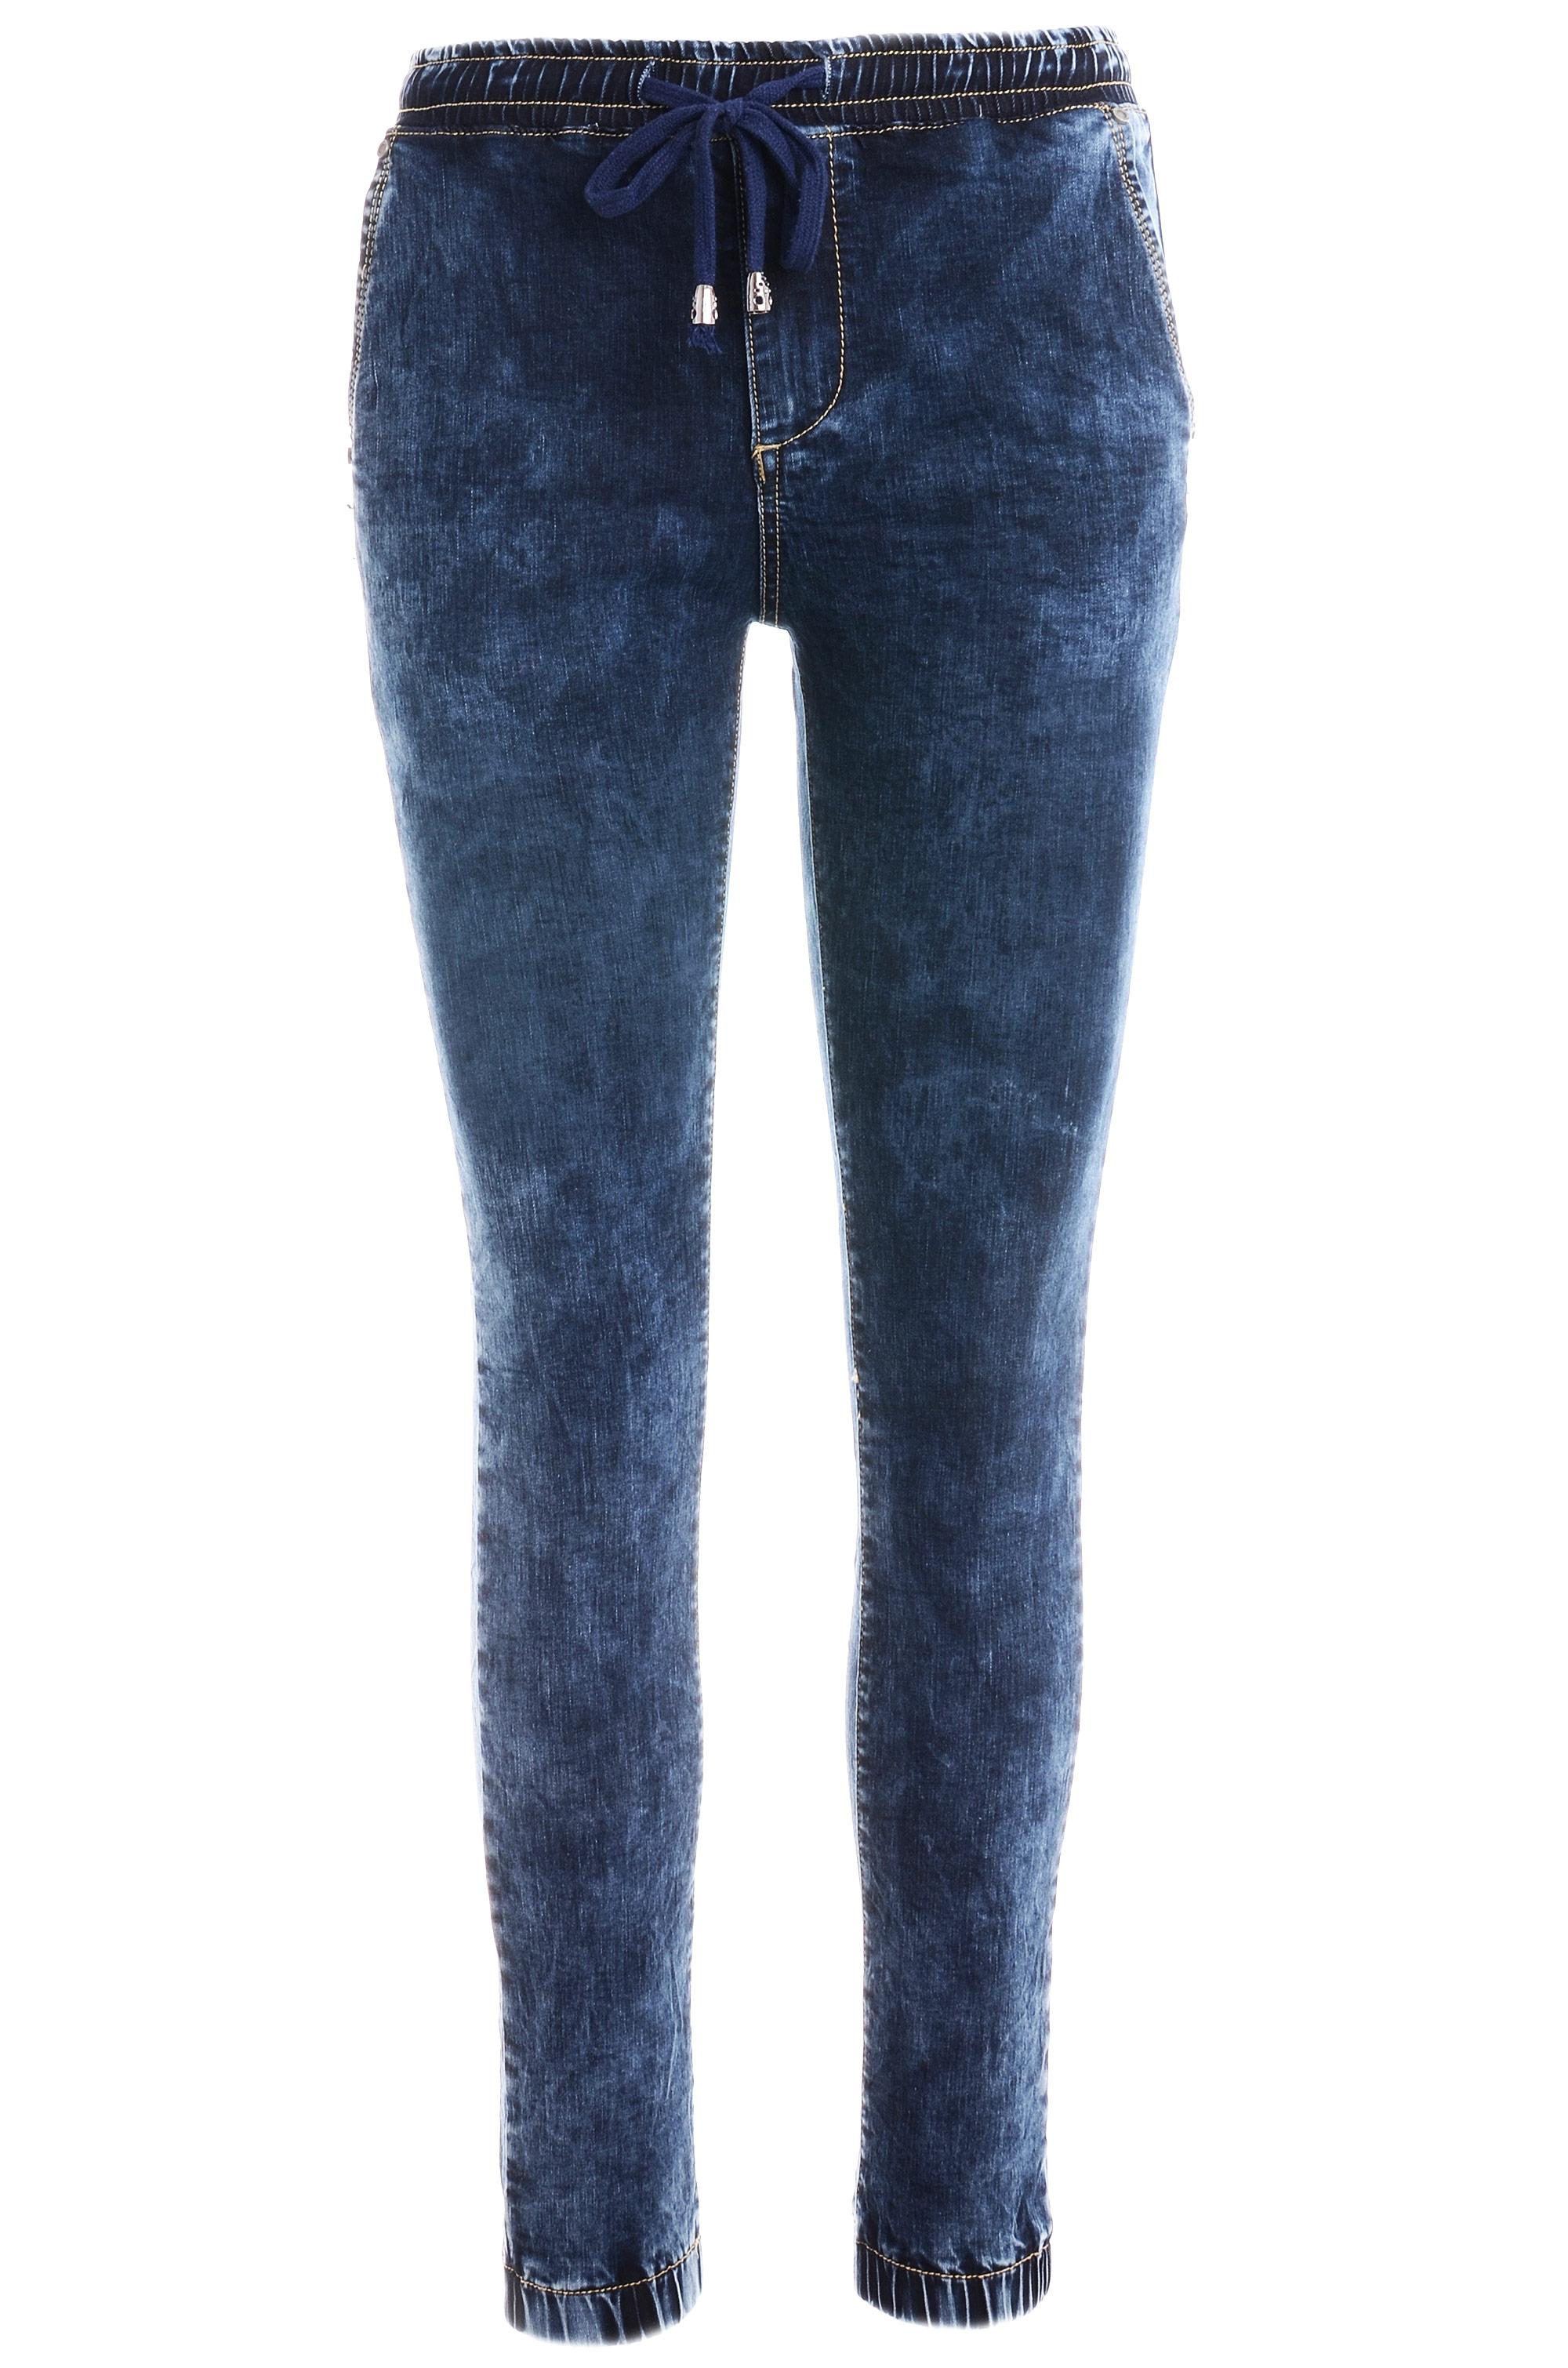 Spodnie - 130-2221 JEAN - Unisono